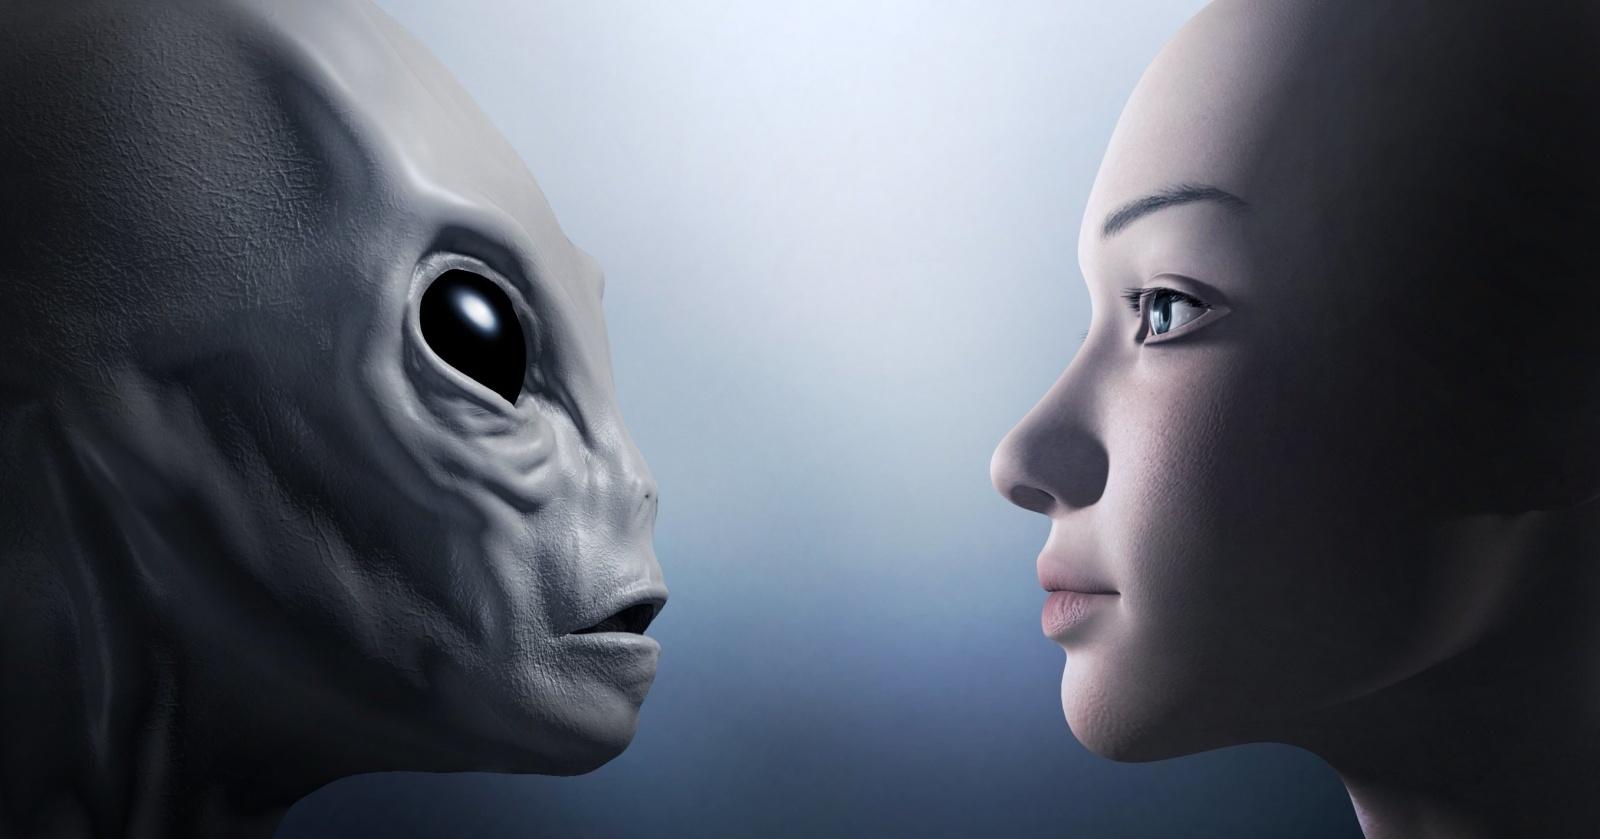 Узнай, кто ты: человек, андроид или инопланетянин?